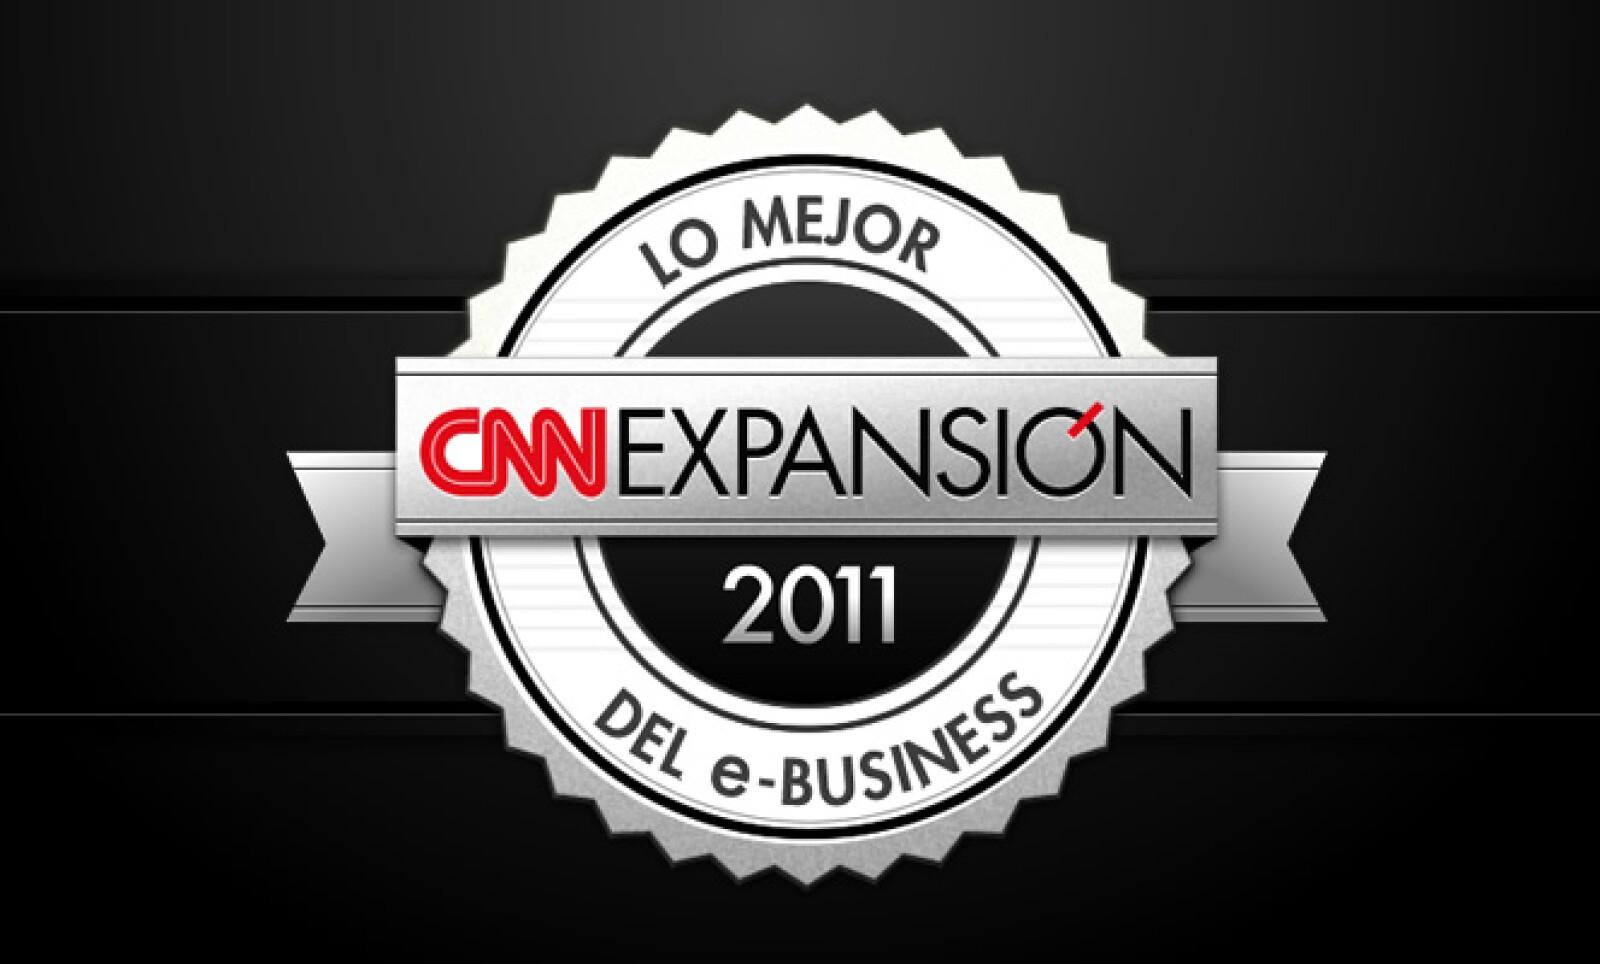 CNNExpansión reconoce a lo mejor de los negocios web en 11 categorías. De las 11 ternas finalistas a continuación, saldrán los ganadores el 9 de noviembre de 2011. Sólo una categoría se declaró desierta: Información a inversionistas.